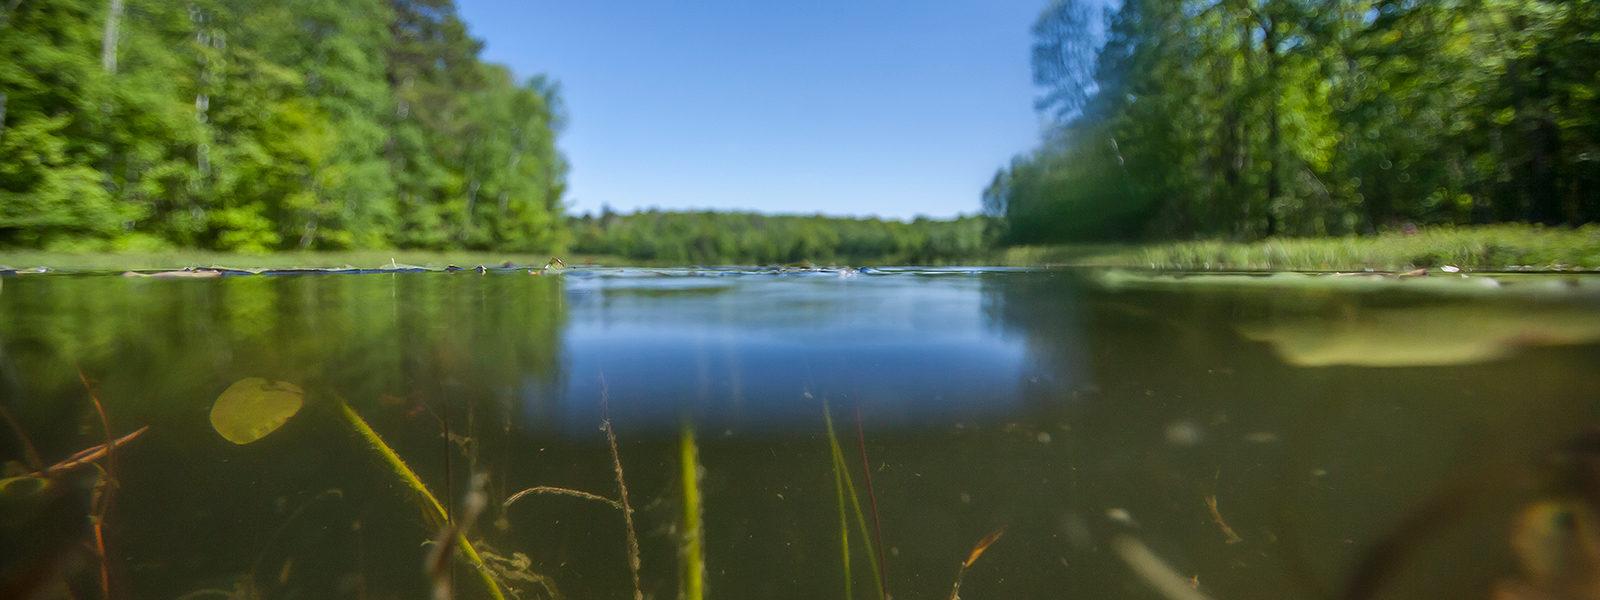 water-1600x600.jpg